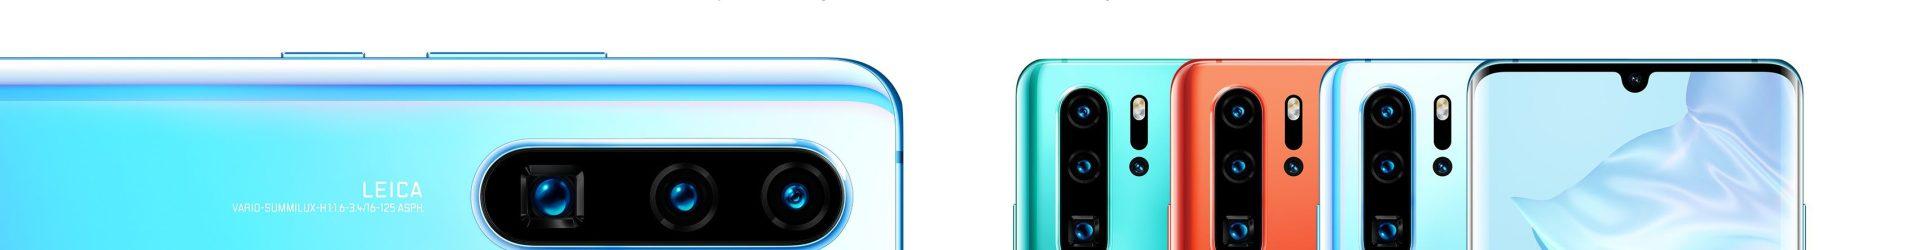 Huawei P30 e P30 Pro ufficiali: ottima qualità fotografica, ma non solo